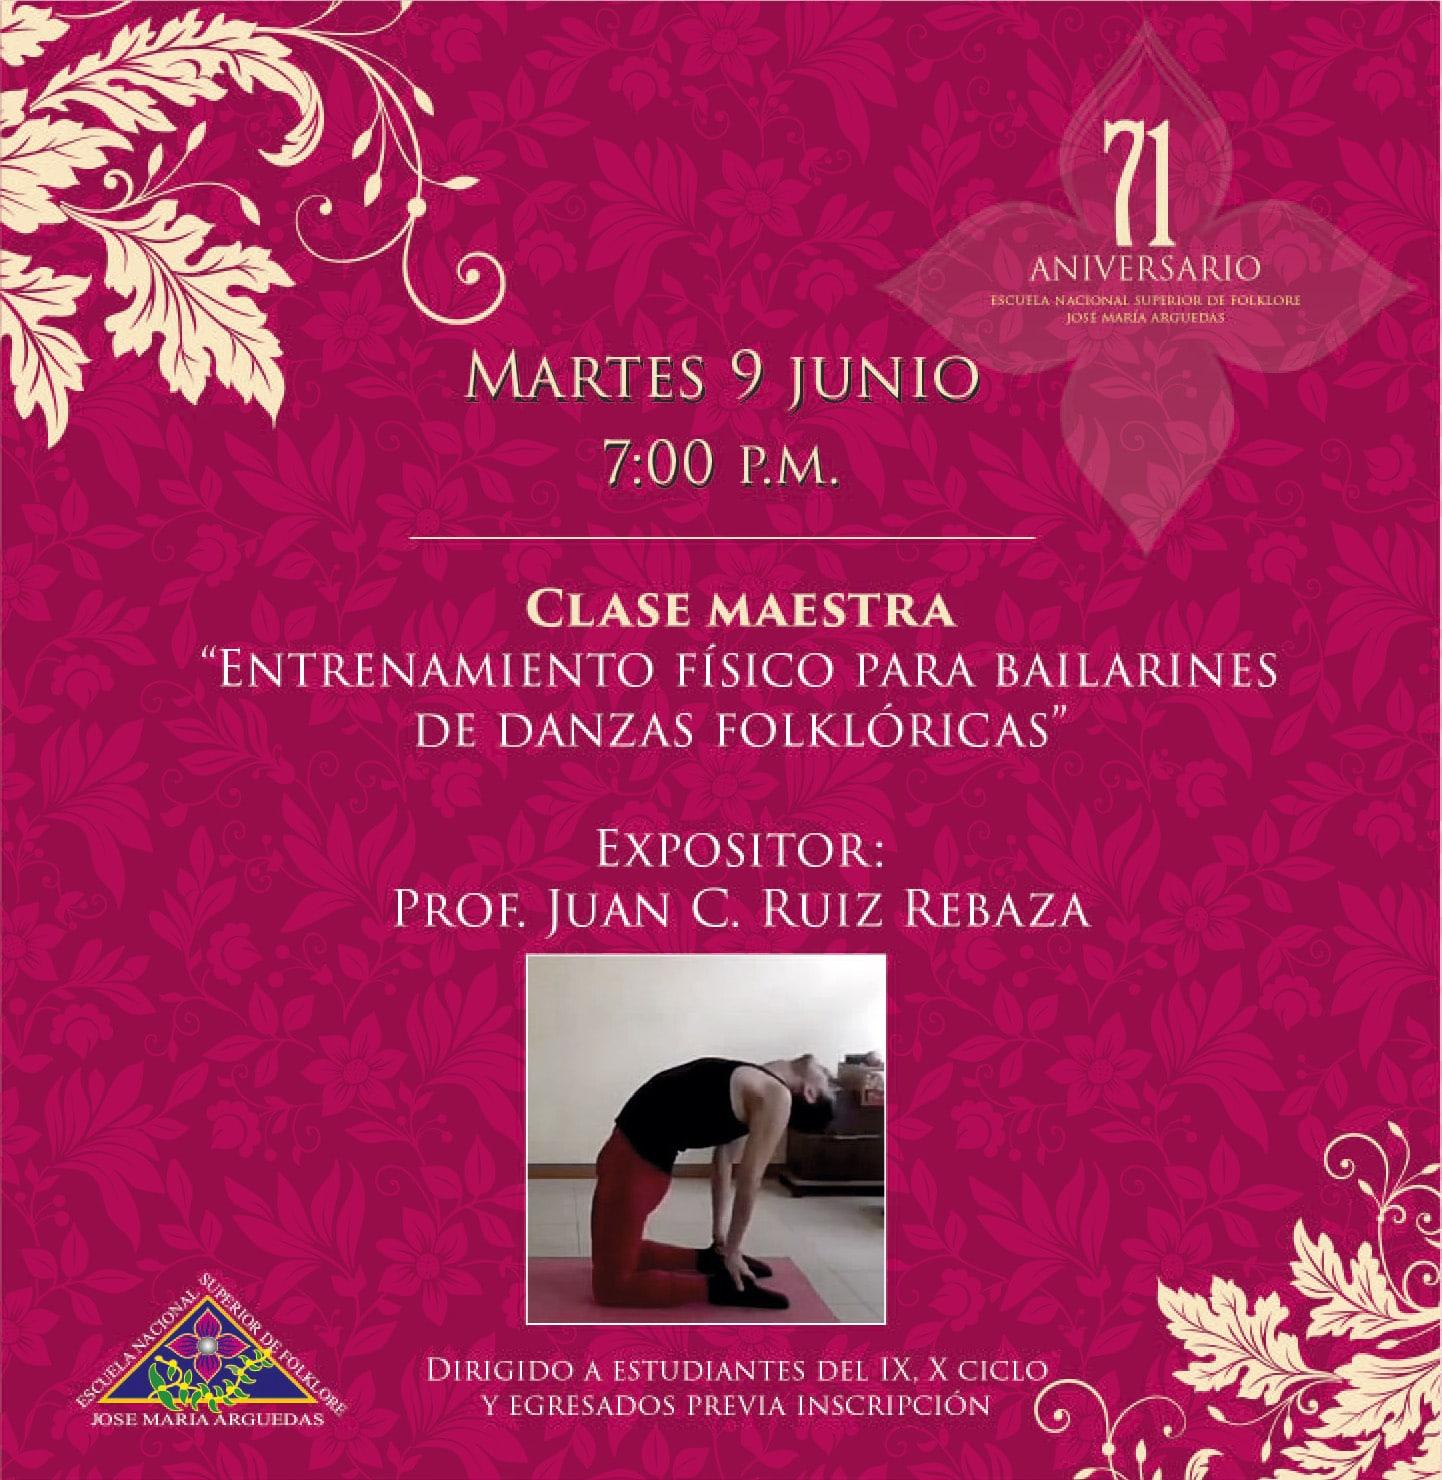 CLASE MAESTRA, ENTRENAMIENTO PARA BAILARINES DE DANZAS FOLKLÓRICAS